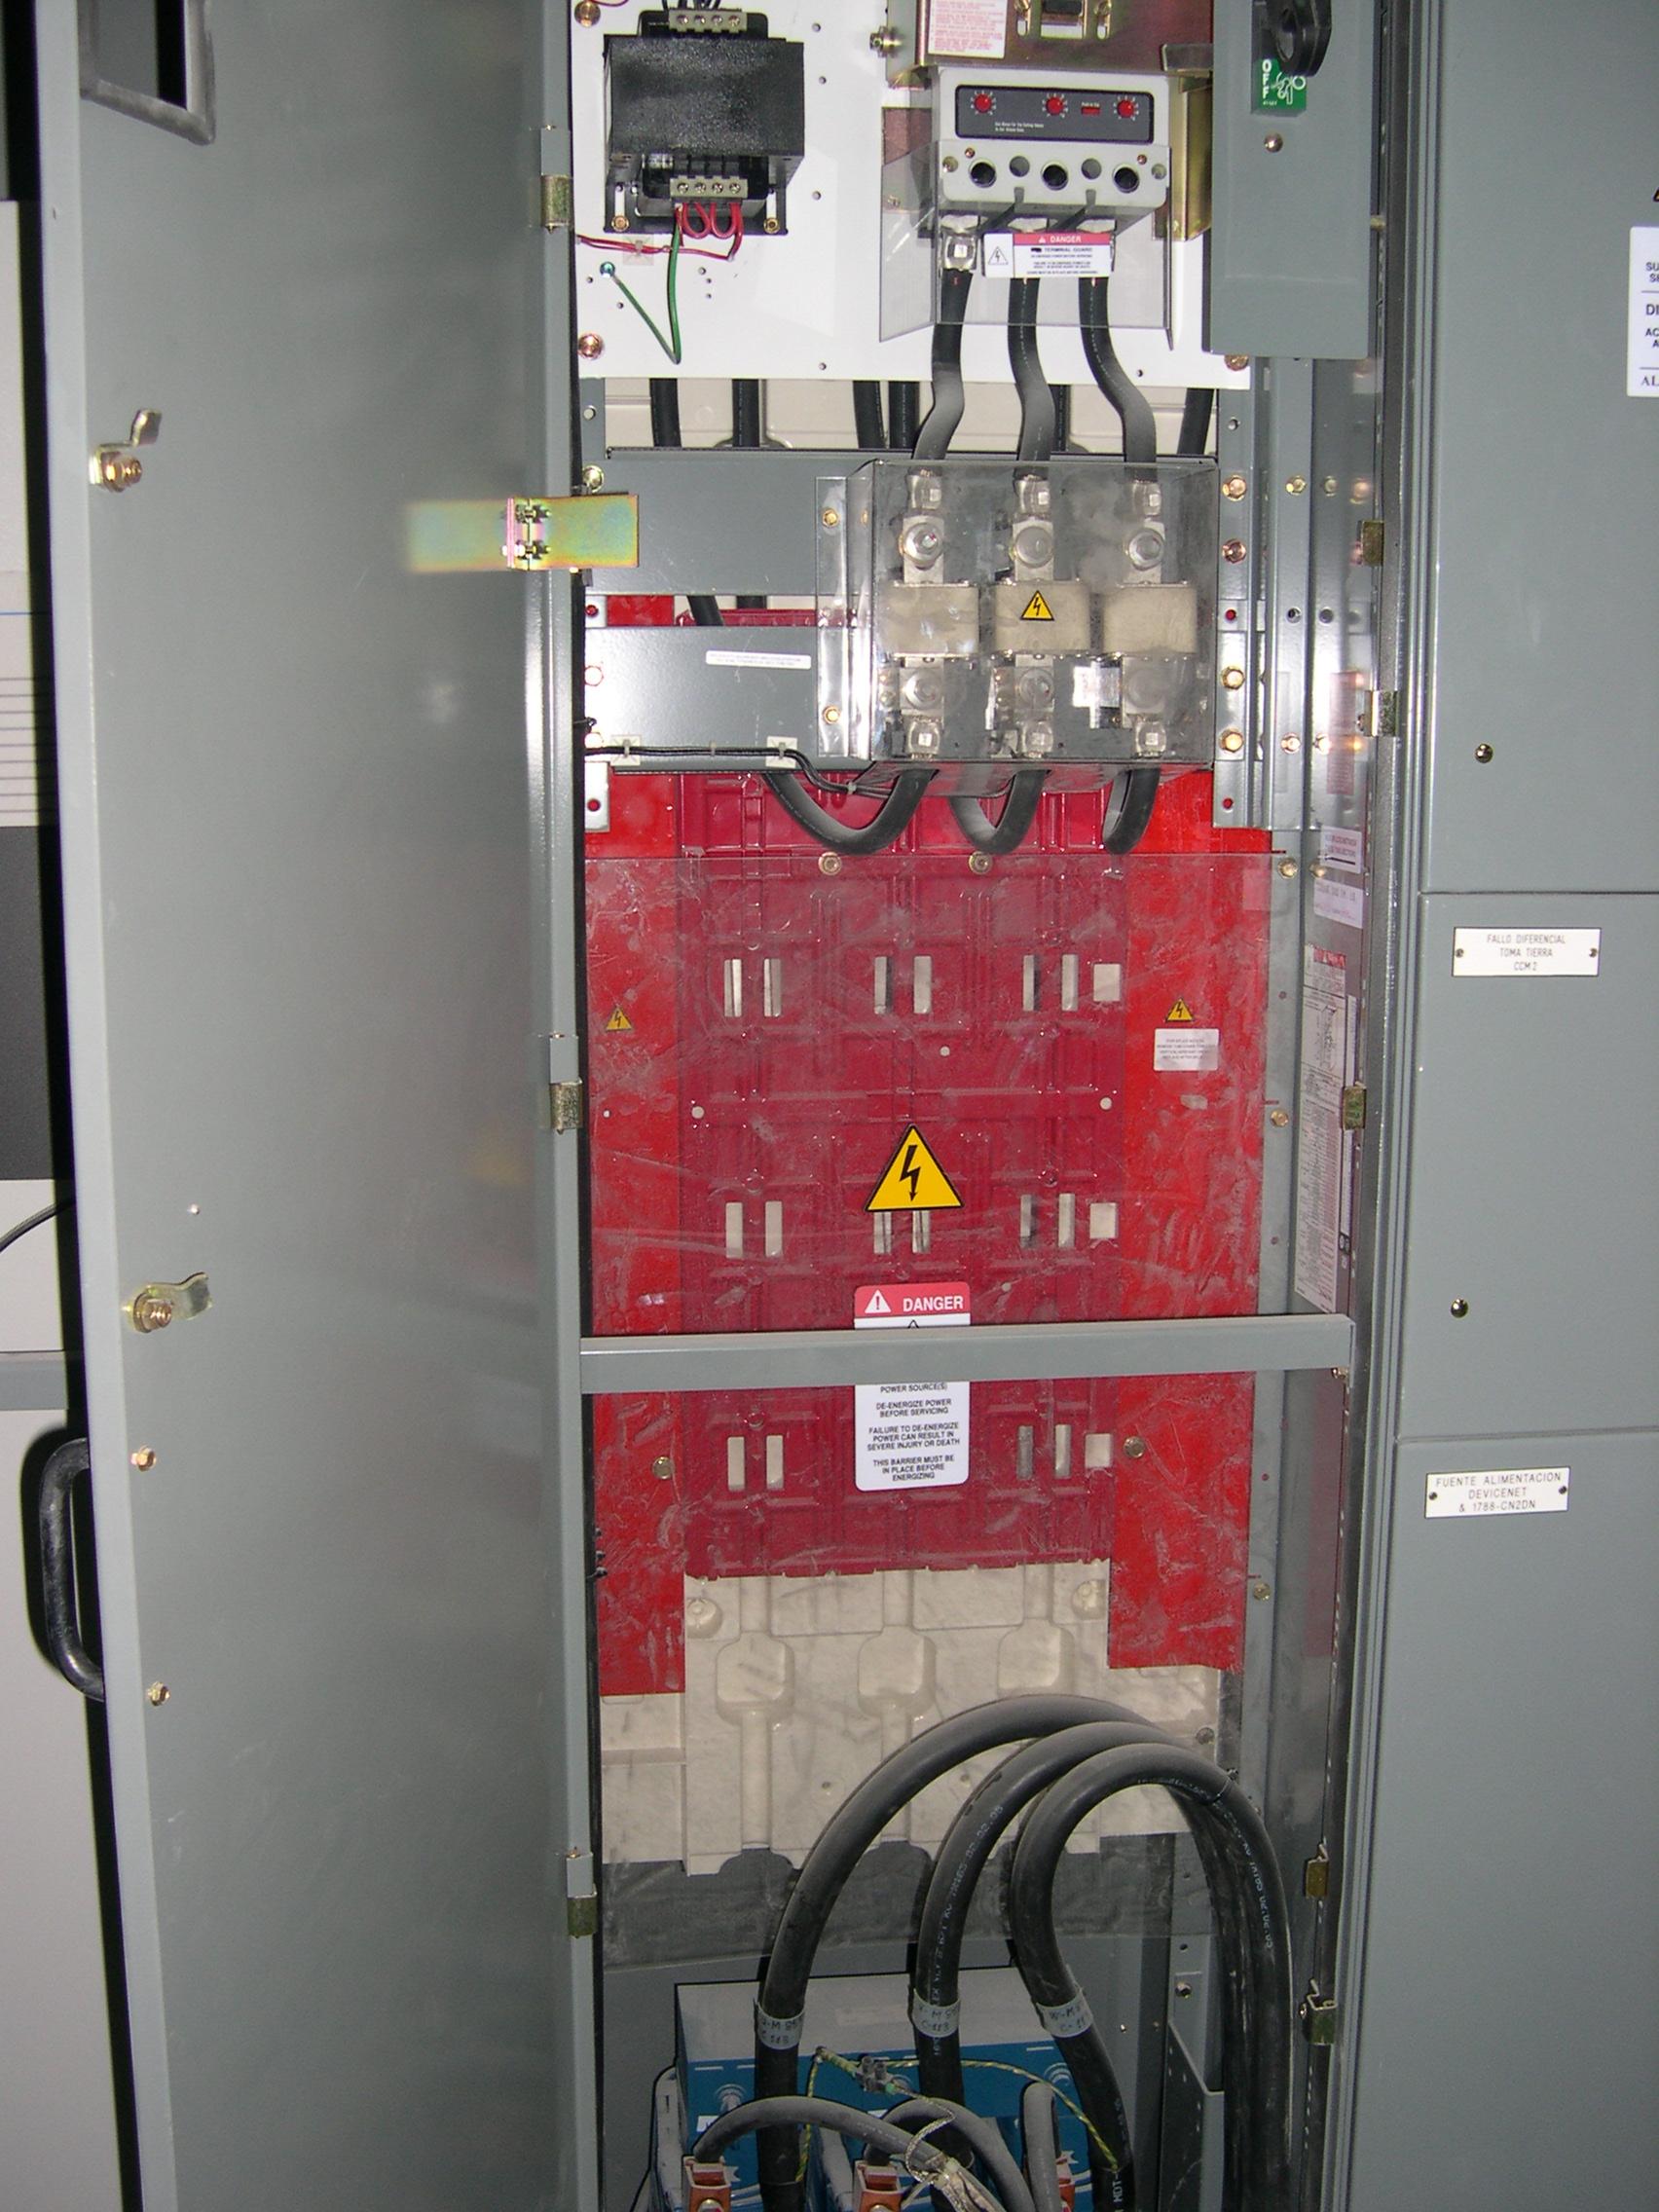 centros de transformación eléctrica